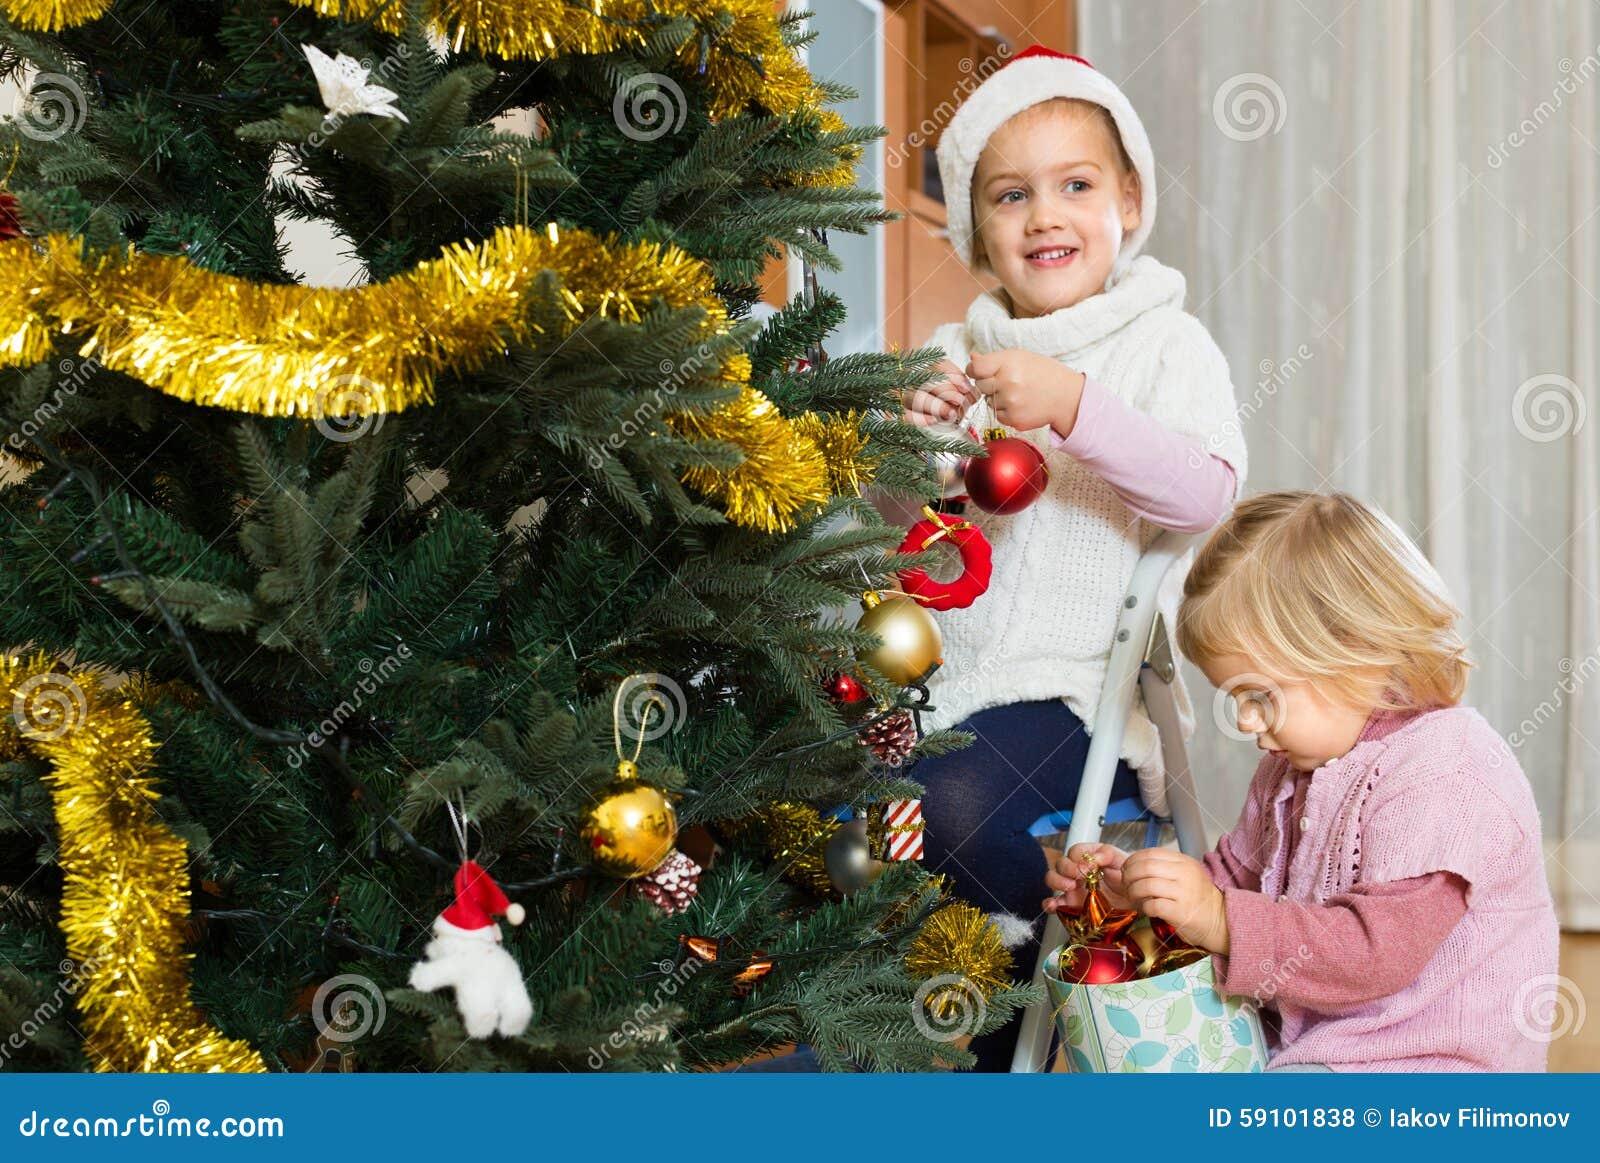 装饰圣诞树的小女孩